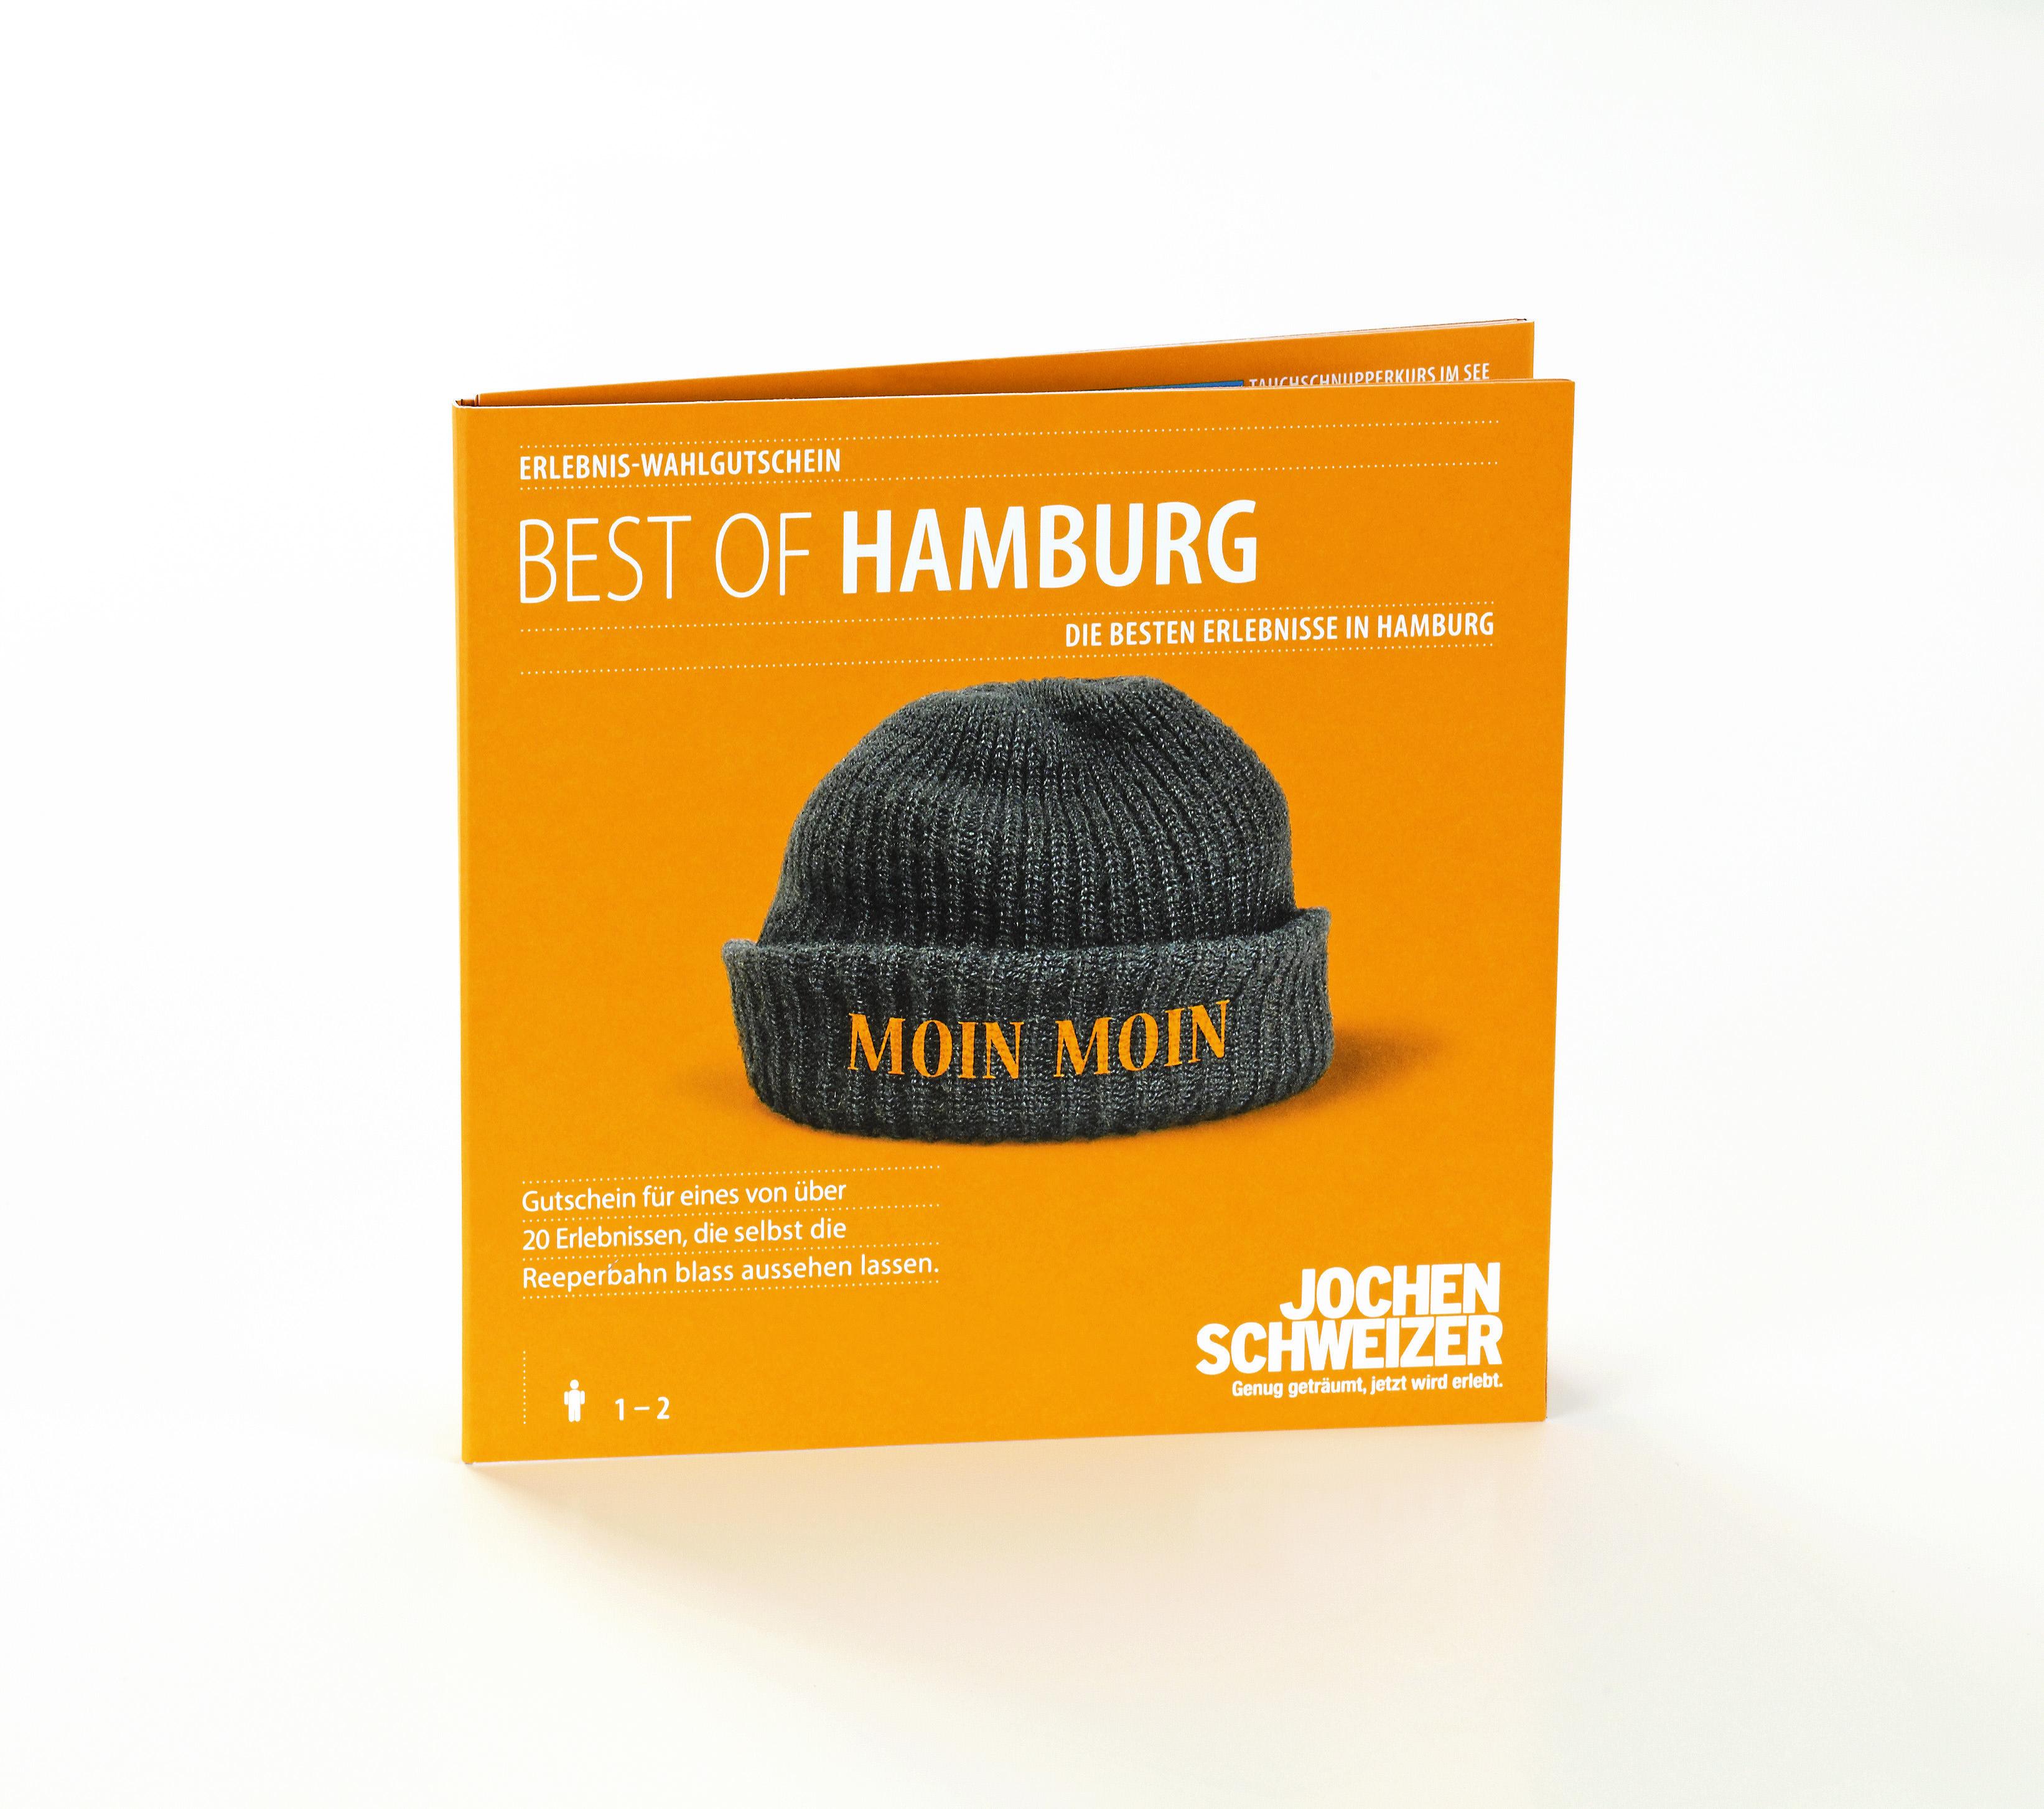 """Türchen 2 🎁 Freu dich auf 5×1 Jochen Schweizer """"Best of Hamburg"""" Erlebnisgutschein!"""